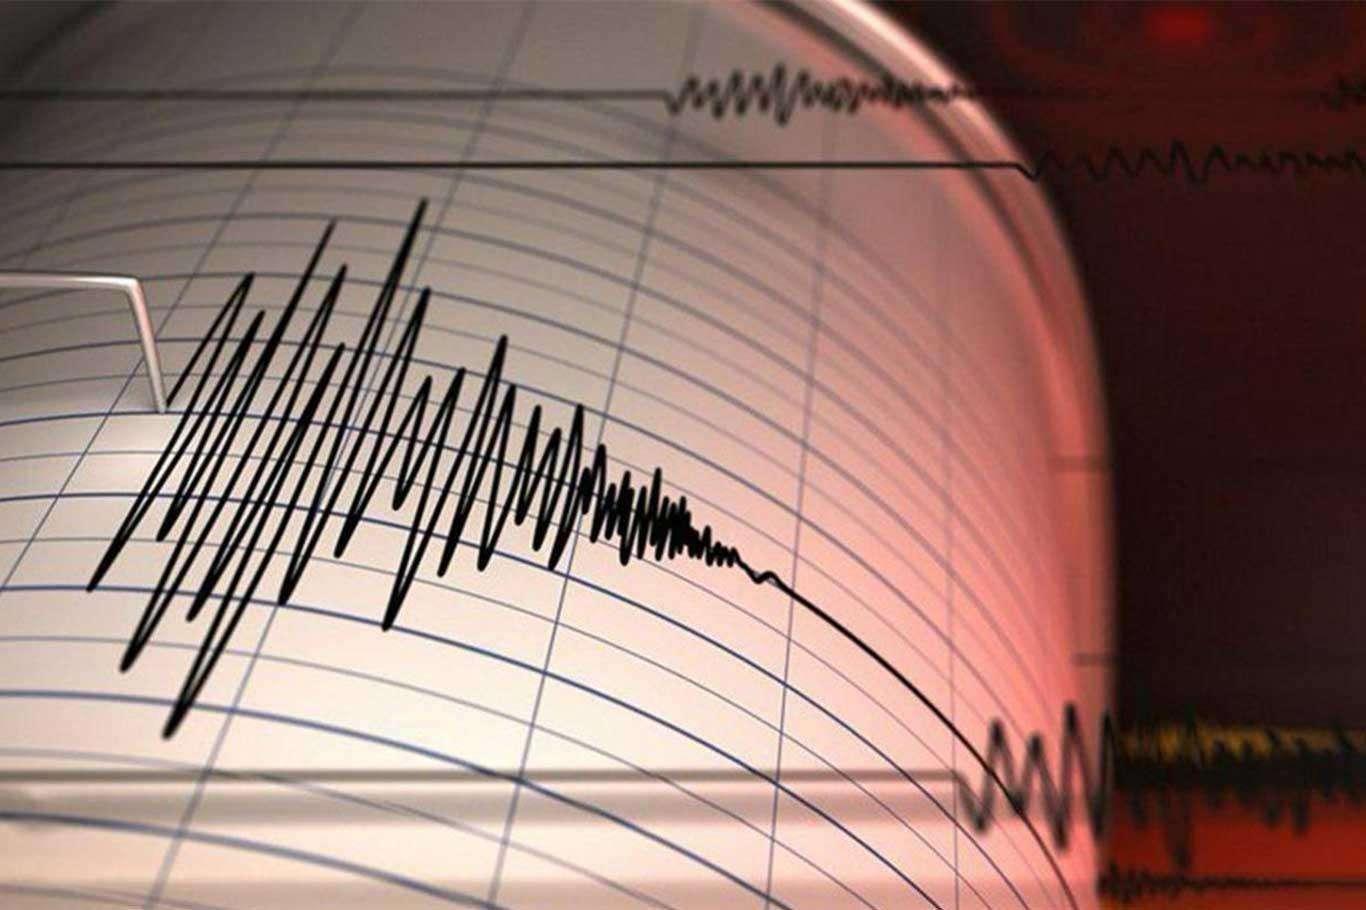 زمین لرزه 7 / 4 ریشتری، ایروان در ارمنستان را لرزاند